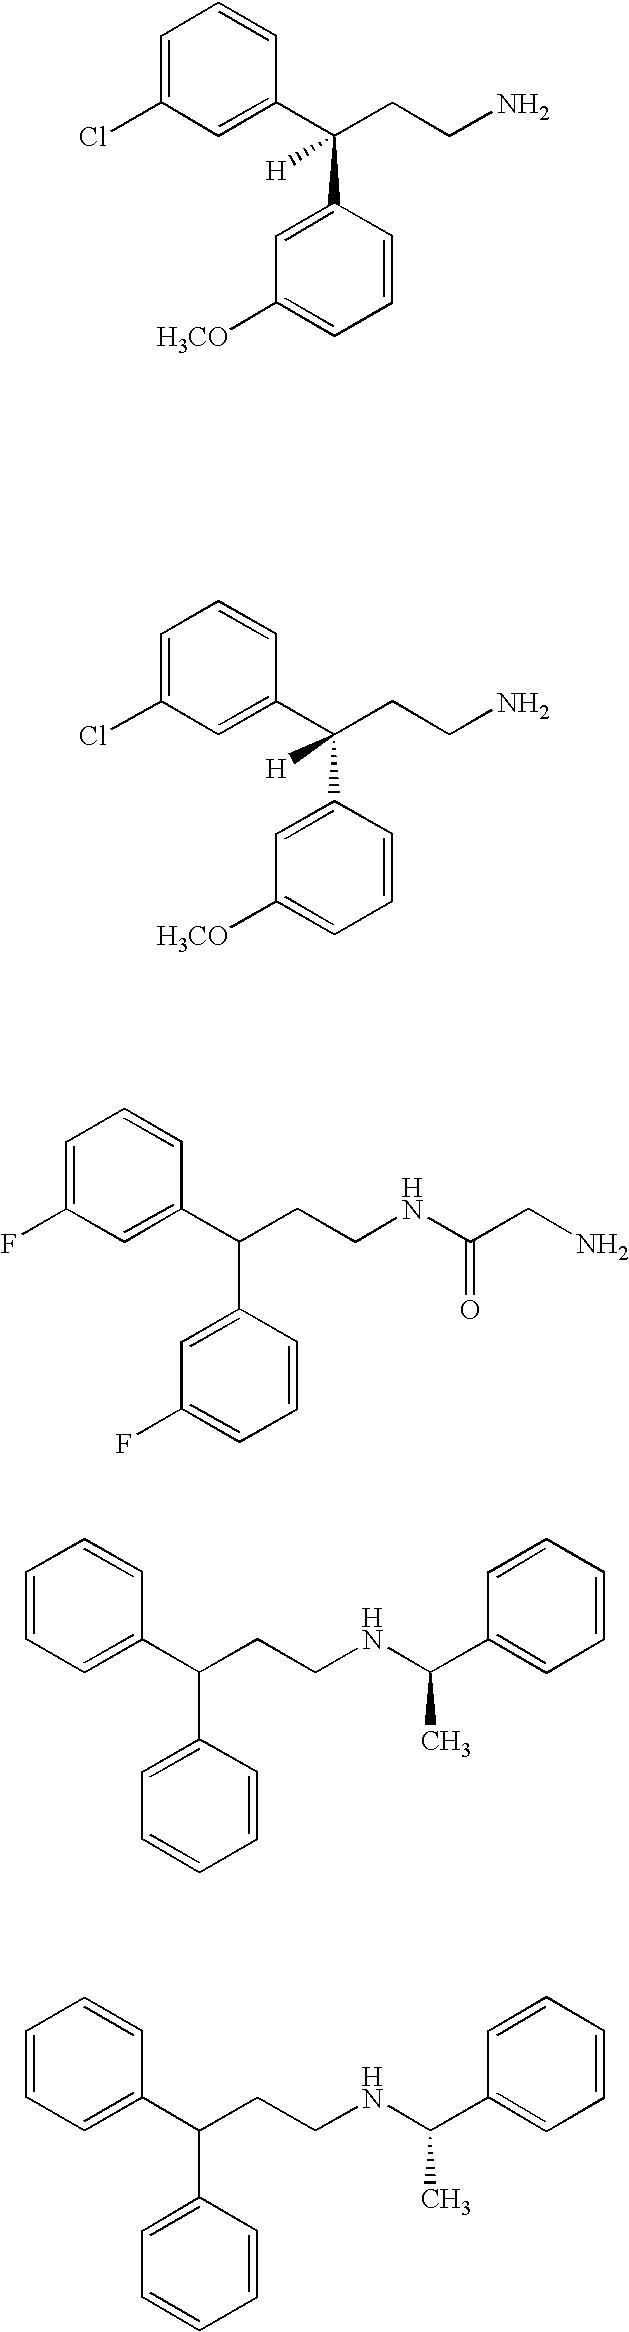 Figure US20050282859A1-20051222-C00057